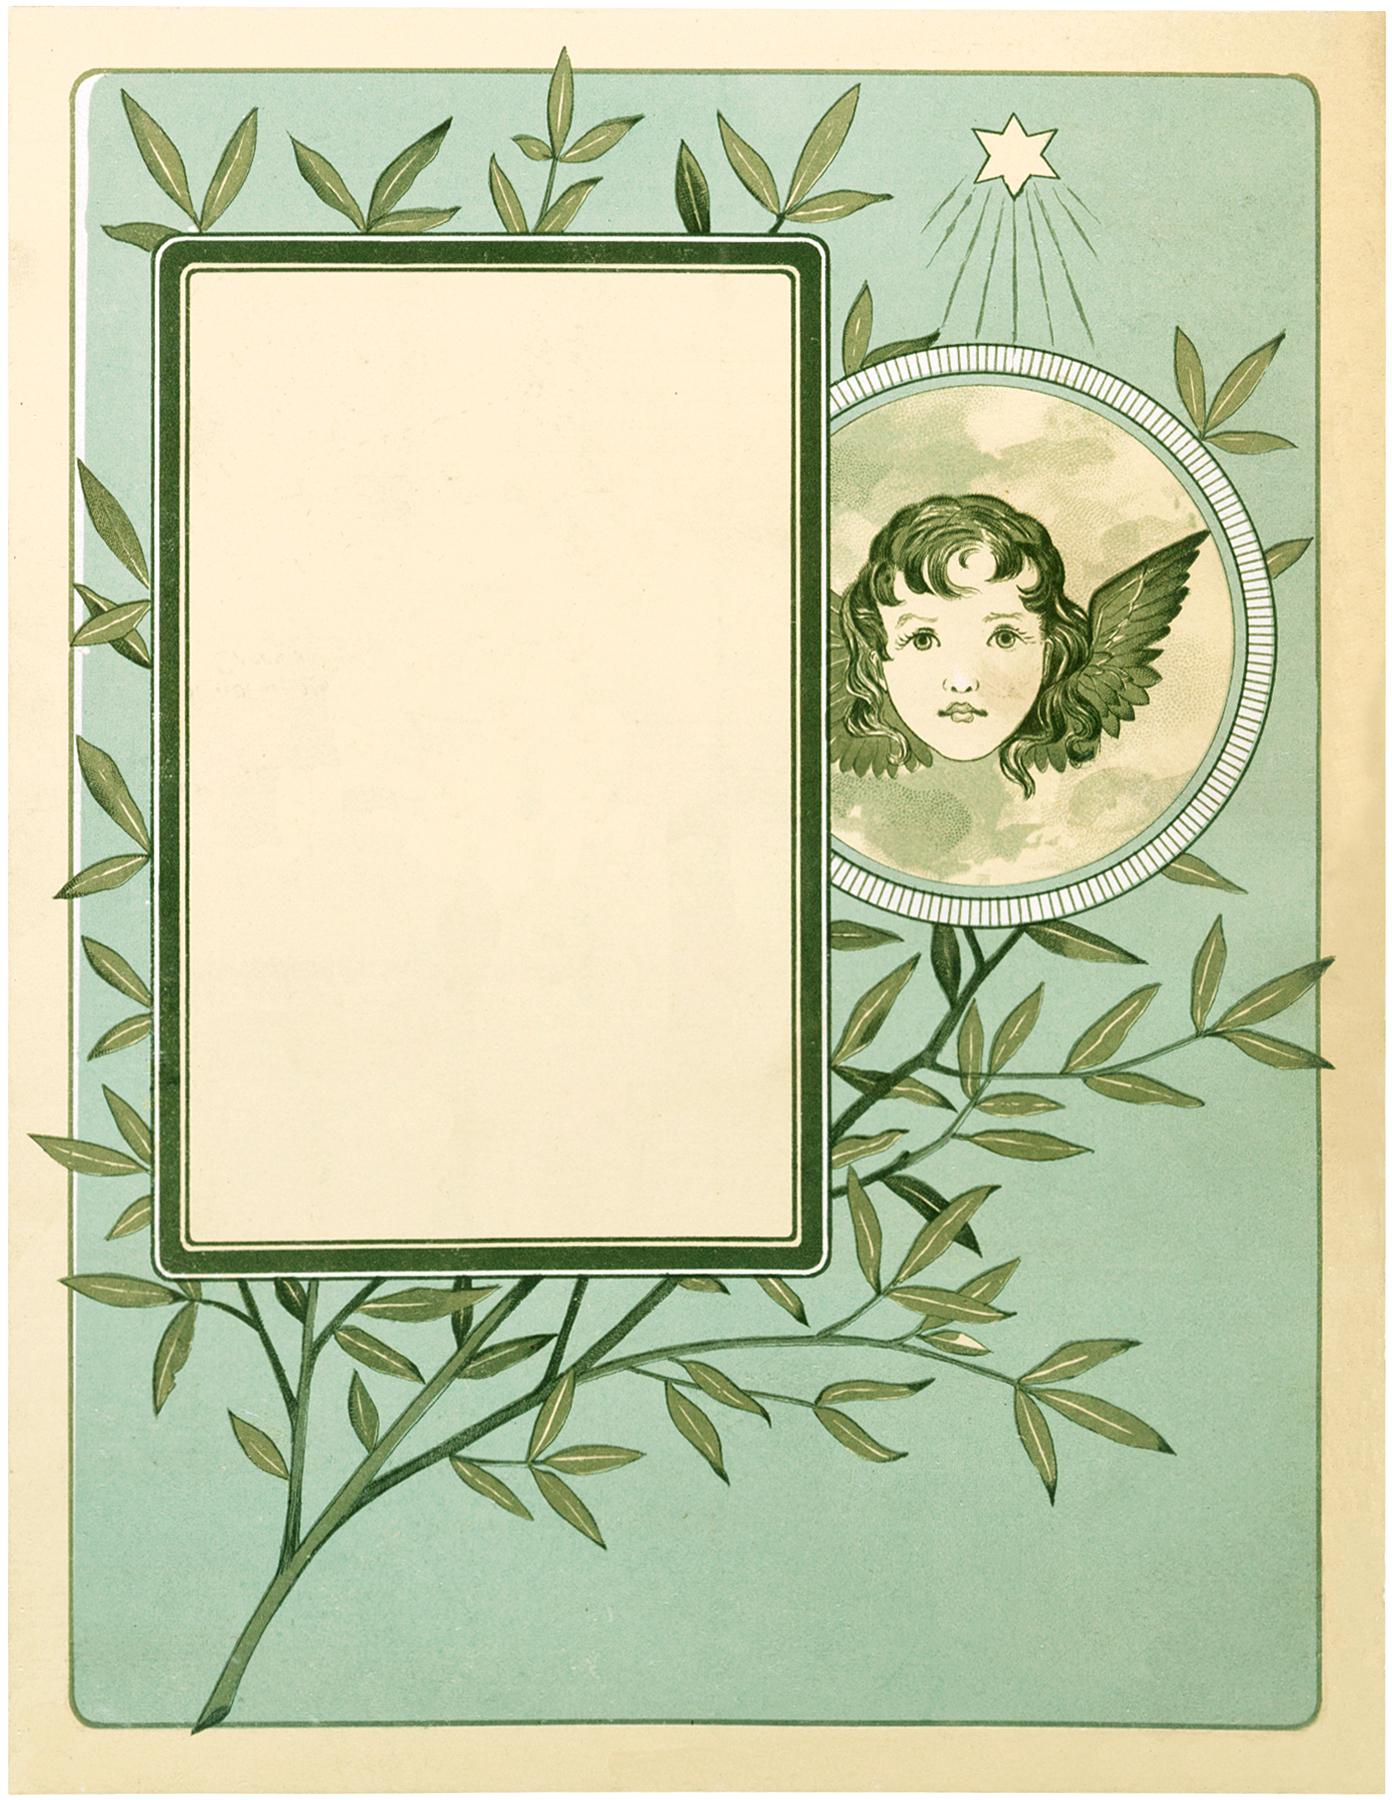 Vintage Angel Label Image